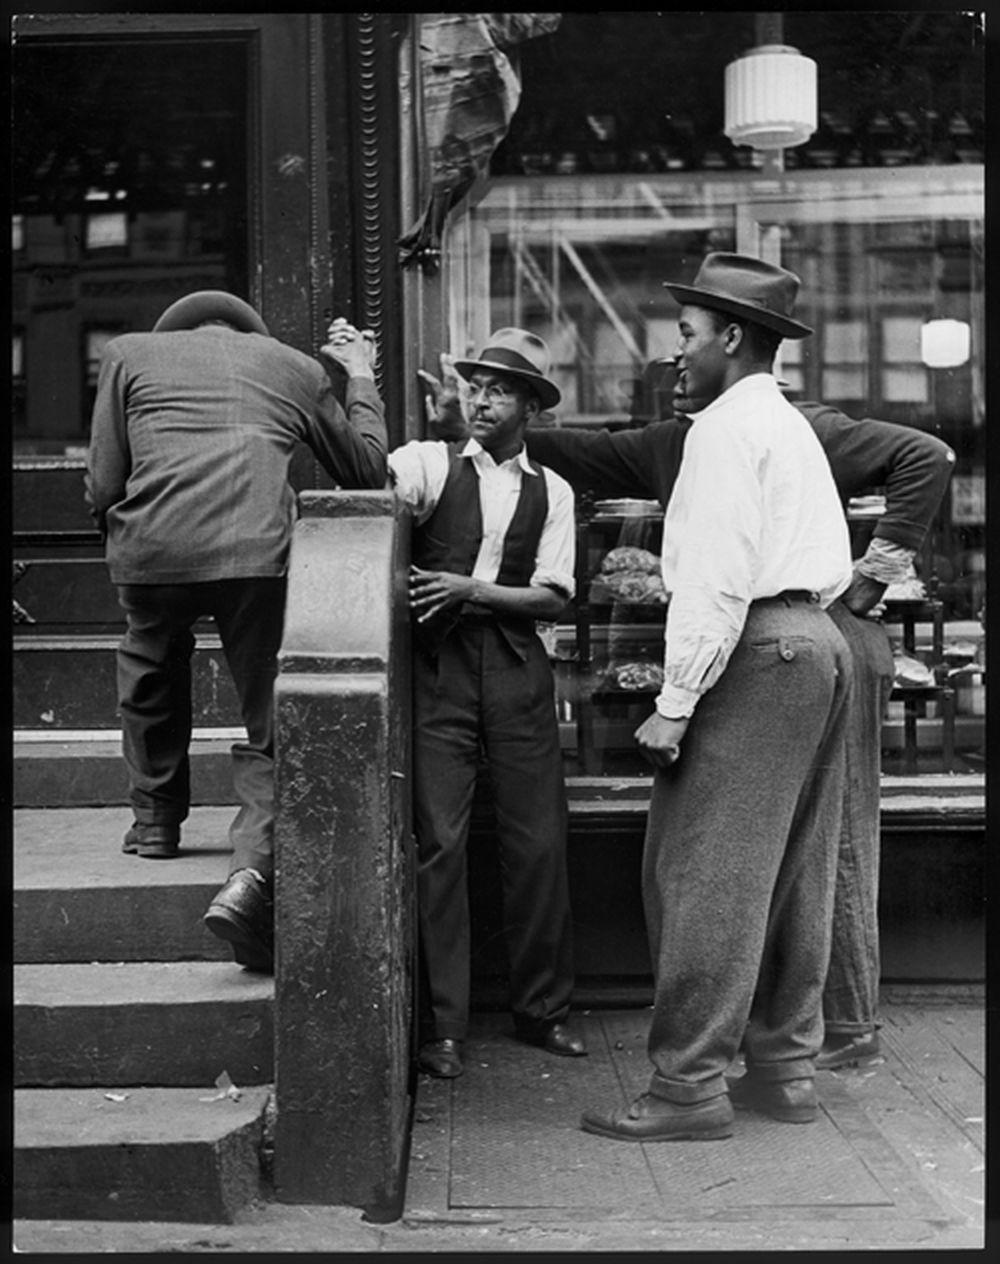 Ausstellungsfoto von Andreas Feininger